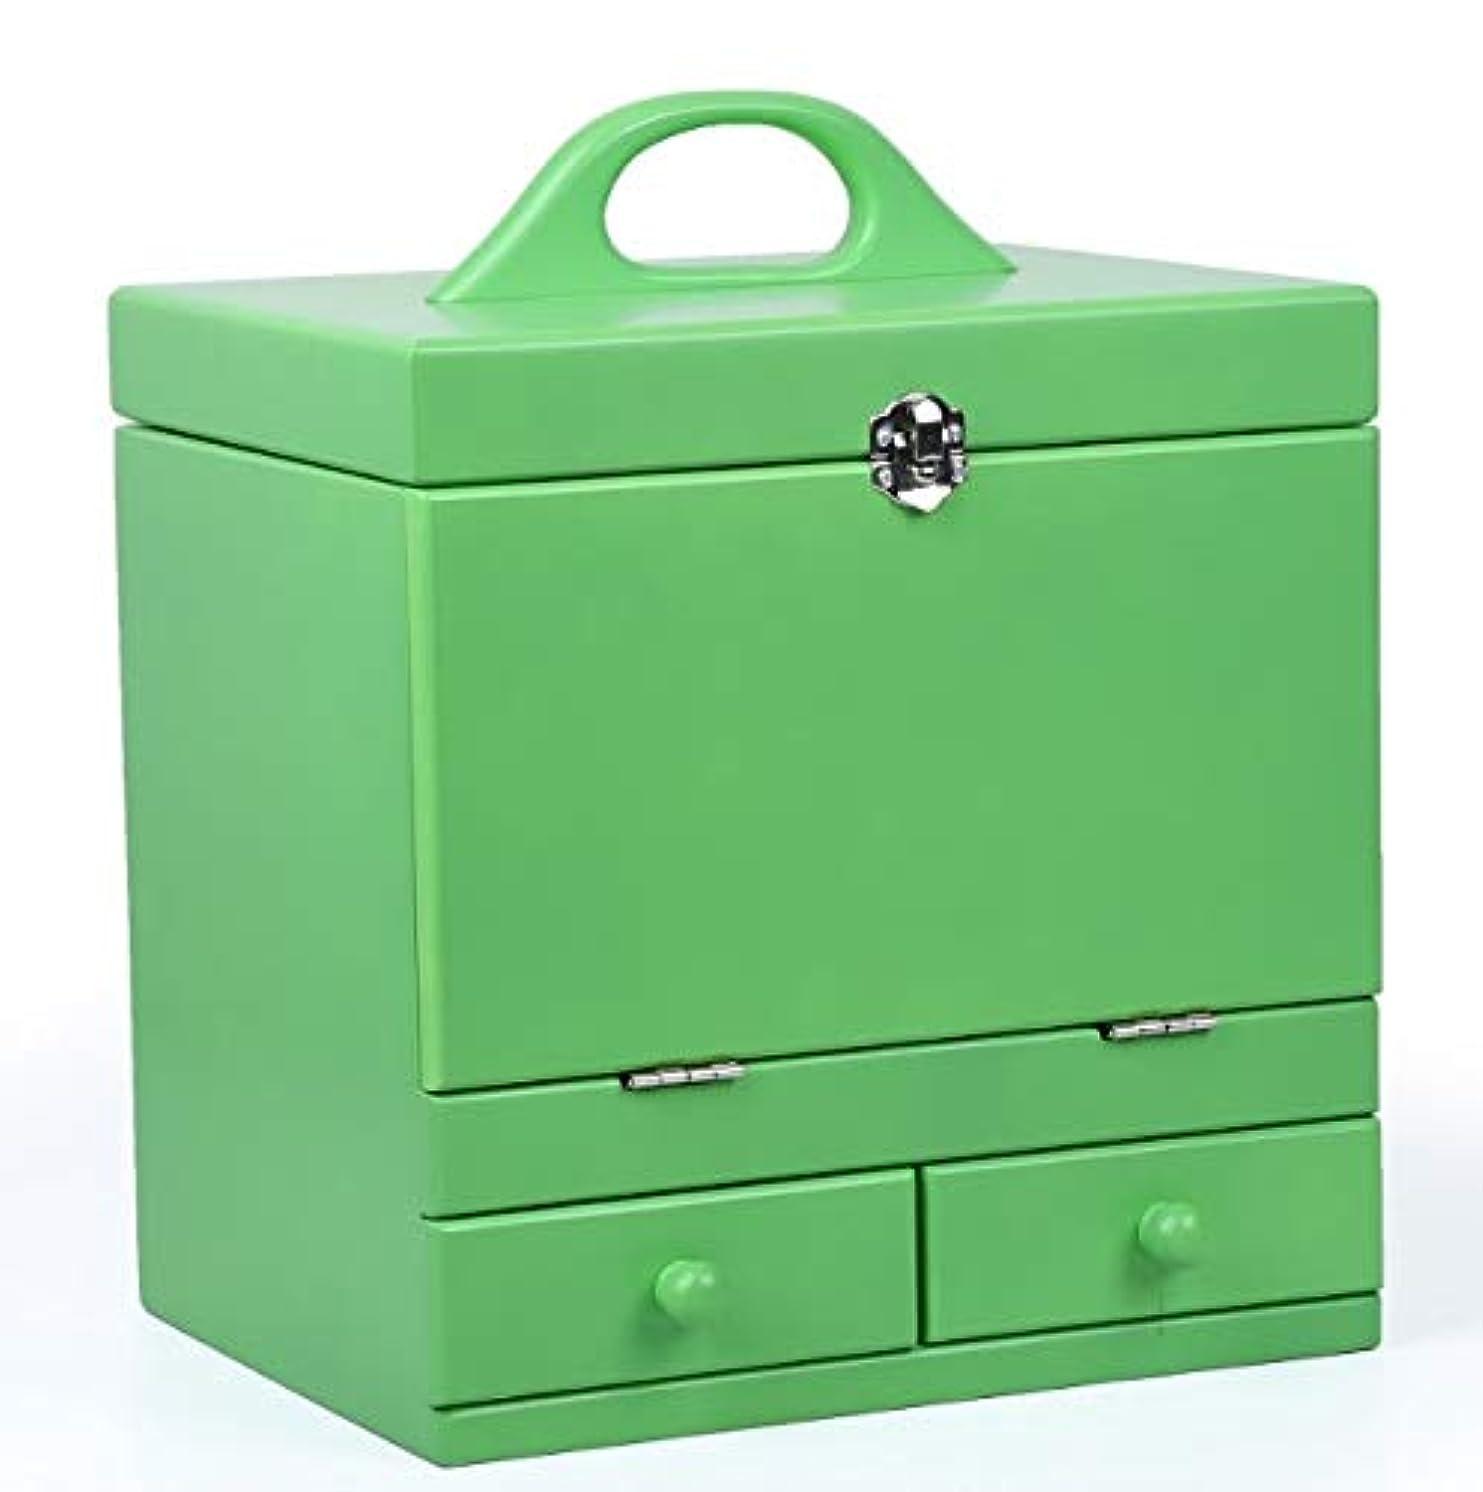 化粧箱、グリーンダブルデッカーヴィンテージ木製彫刻が施された化粧ケース、ミラー、高級ウェディングギフト、新築祝いギフト、美容ネイルジュエリー収納ボックス